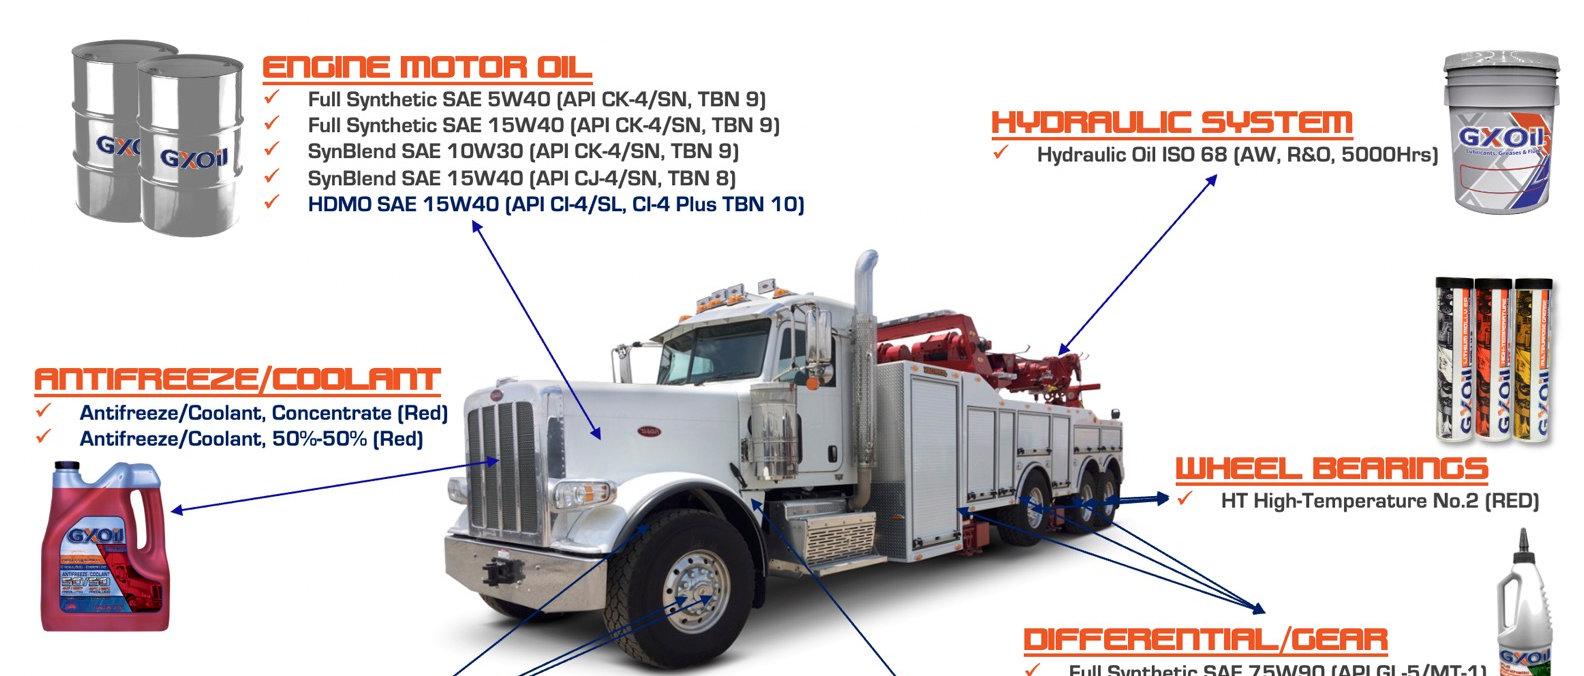 GXOil HD Tow Trucks Lubrication Guide (2021).jpg